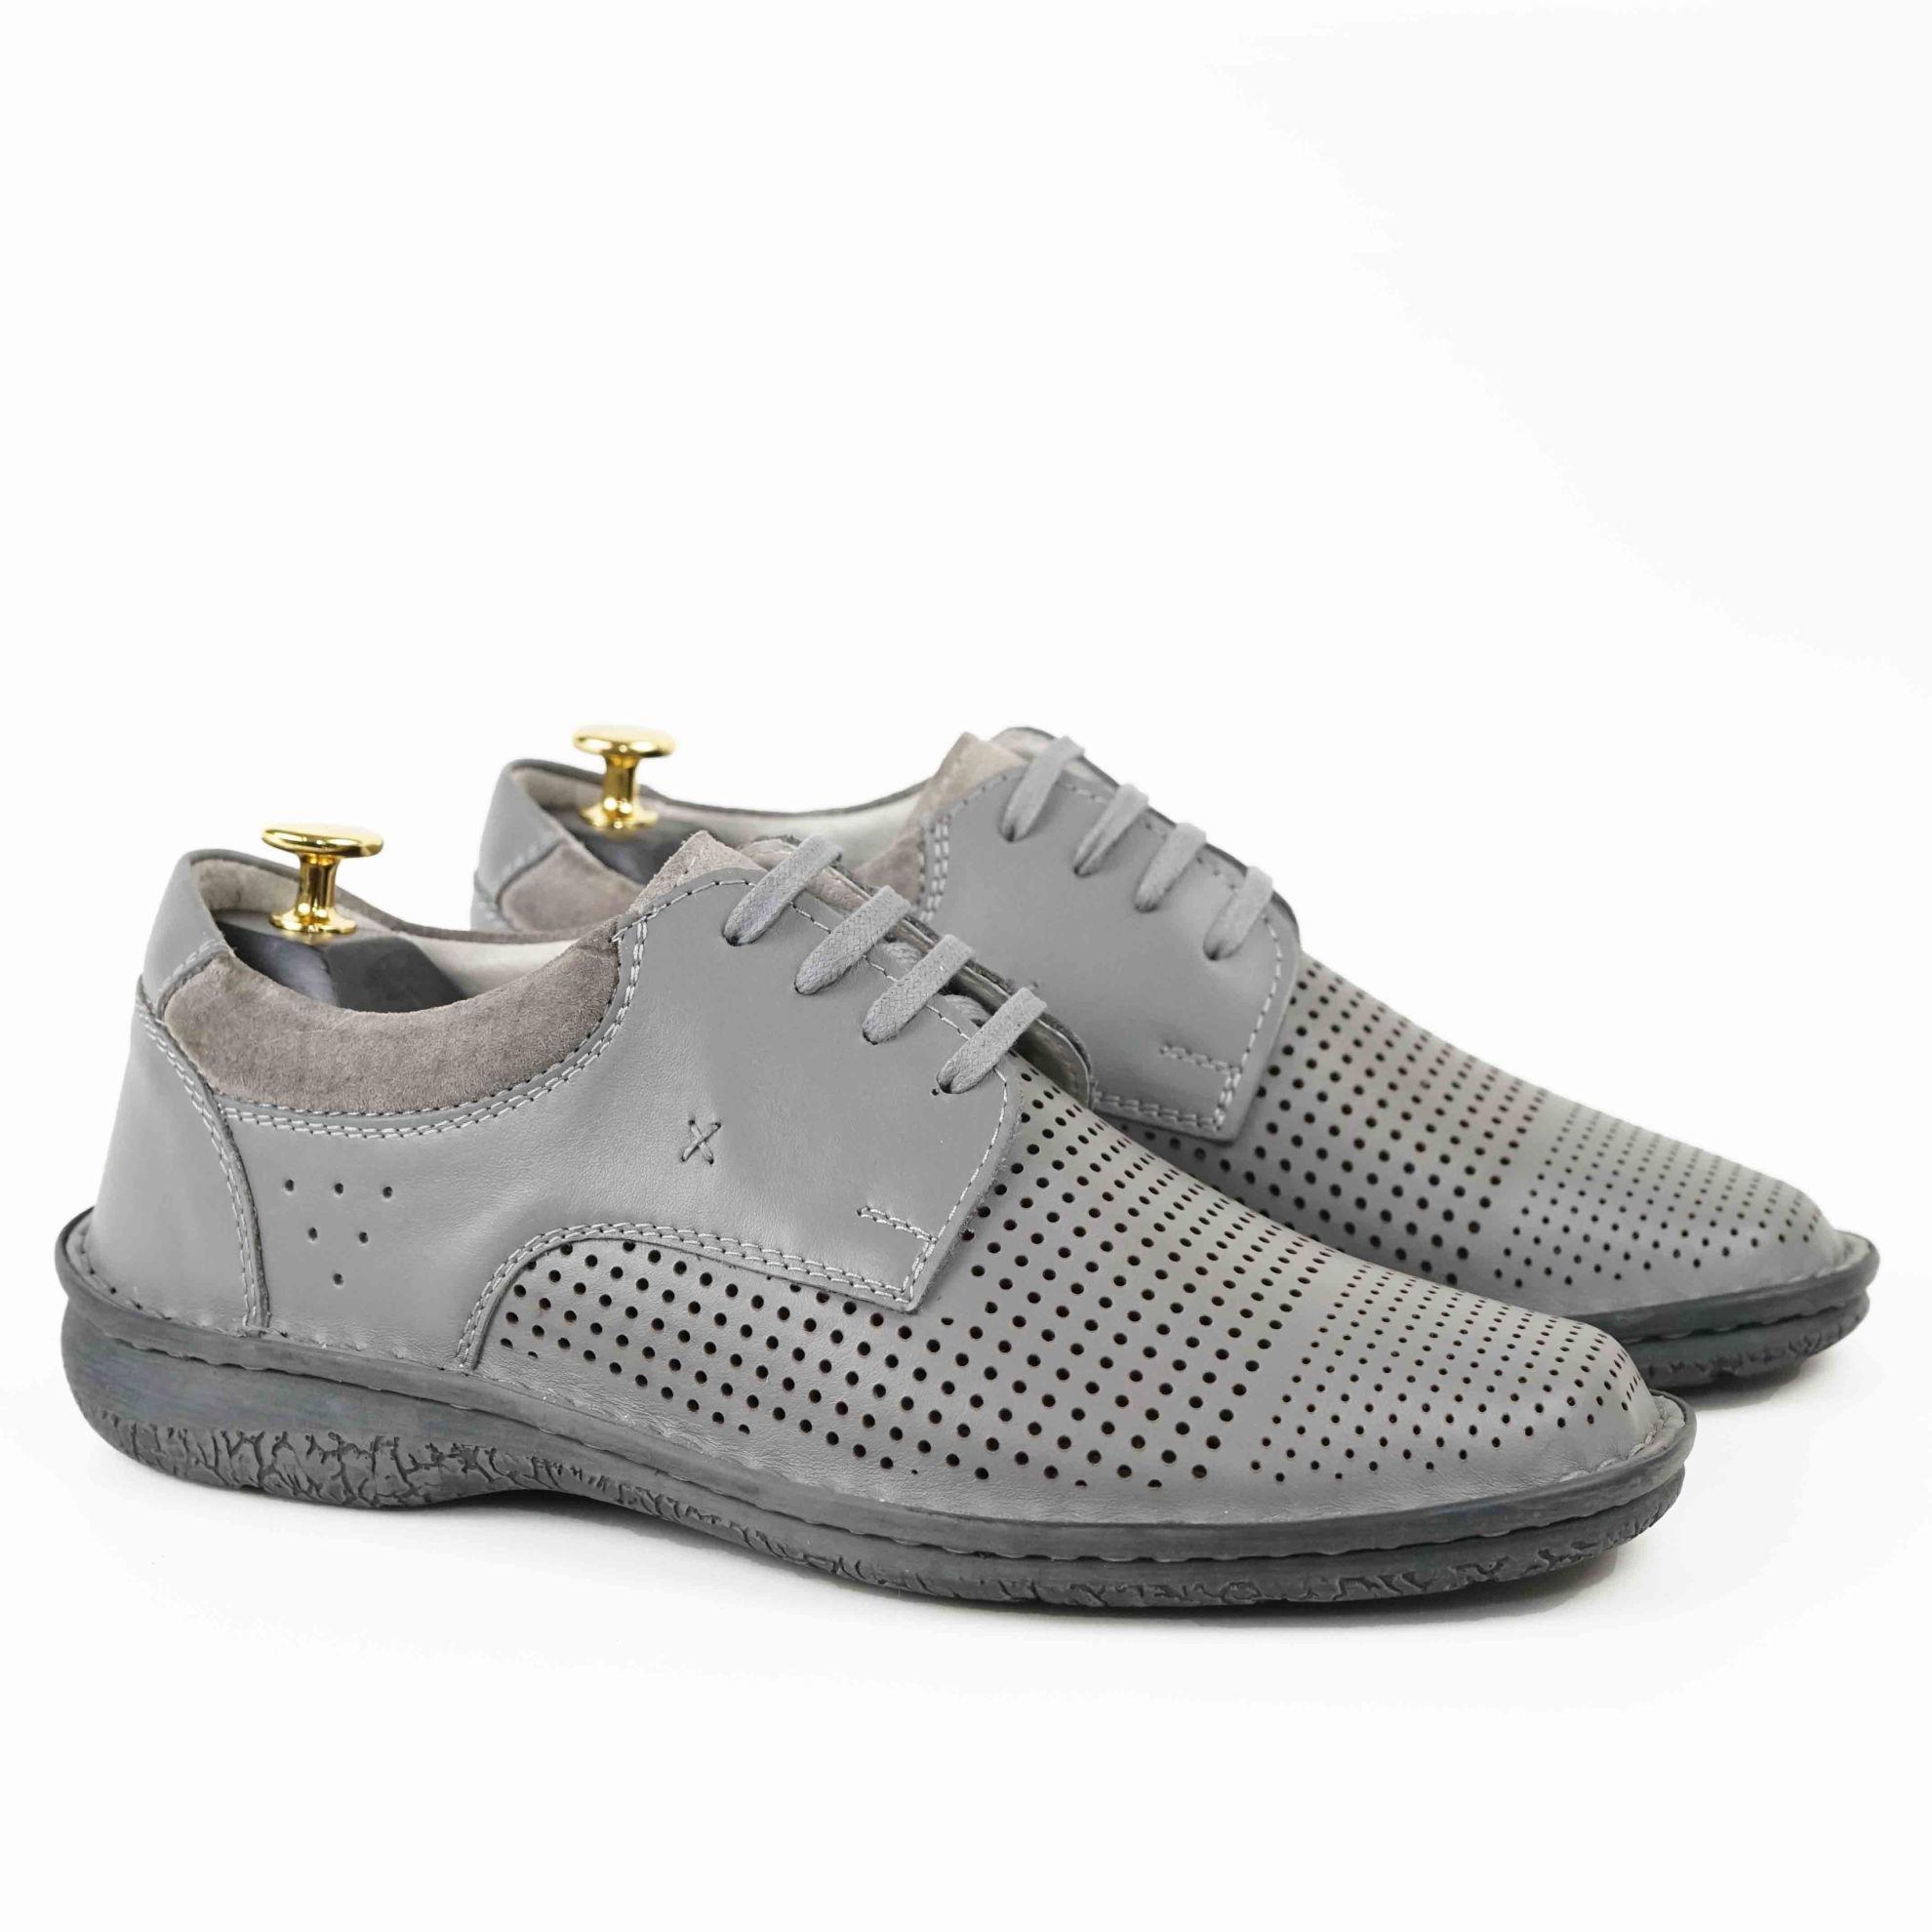 Imagine Pantofi casual bărbați piele naturală C88 siret gri